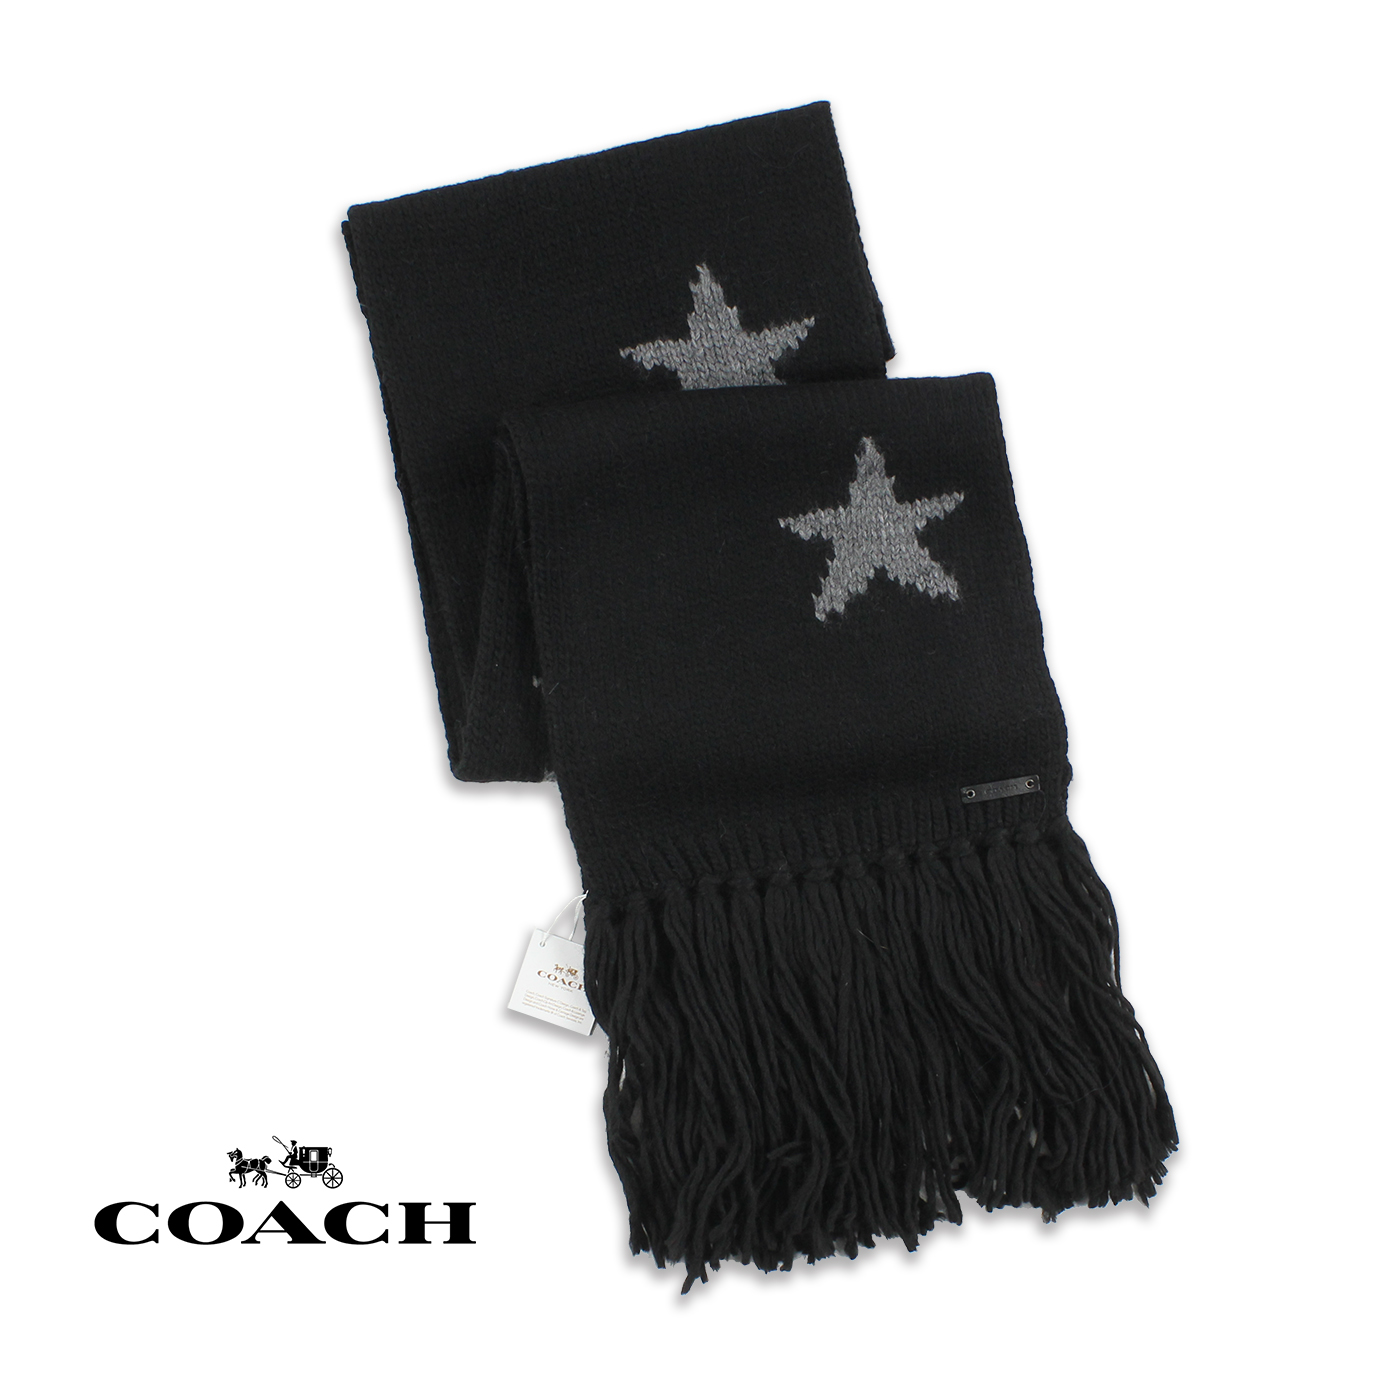 美國百分百【全新真品】COACH 圍巾 針織 配件 披肩 毛線 86021 保暖 羊毛 星星 男 女 黑色 G198